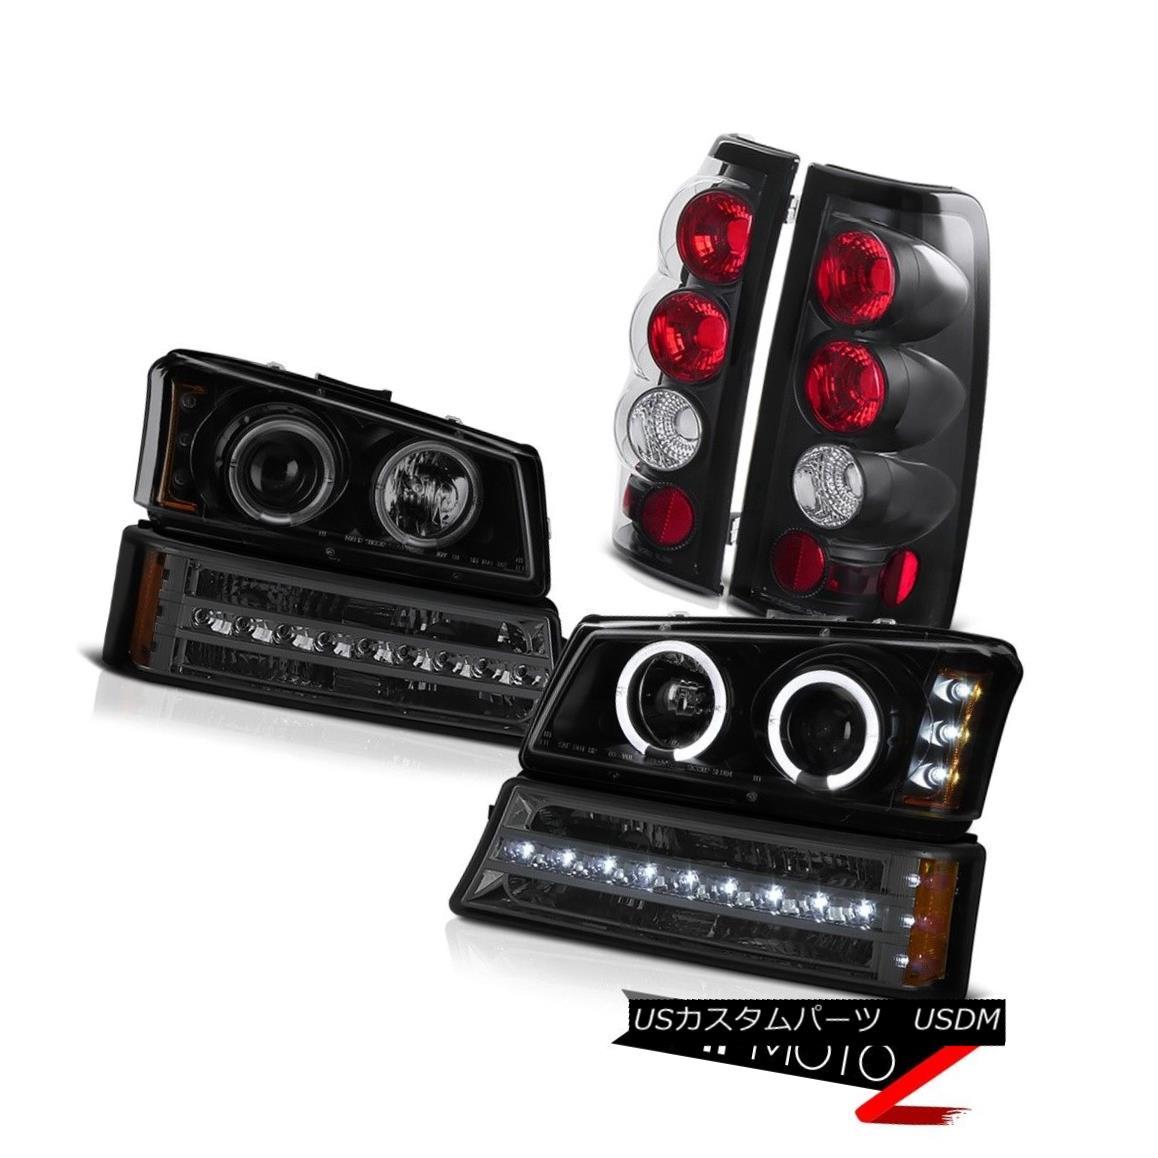 テールライト 03 04 05 06 Chevy Silverado Tail lights bumper light darkest smoke headlights 03 04 05 06 Chevy Silveradoテールライトバンパーライトダークスモークヘッドライト